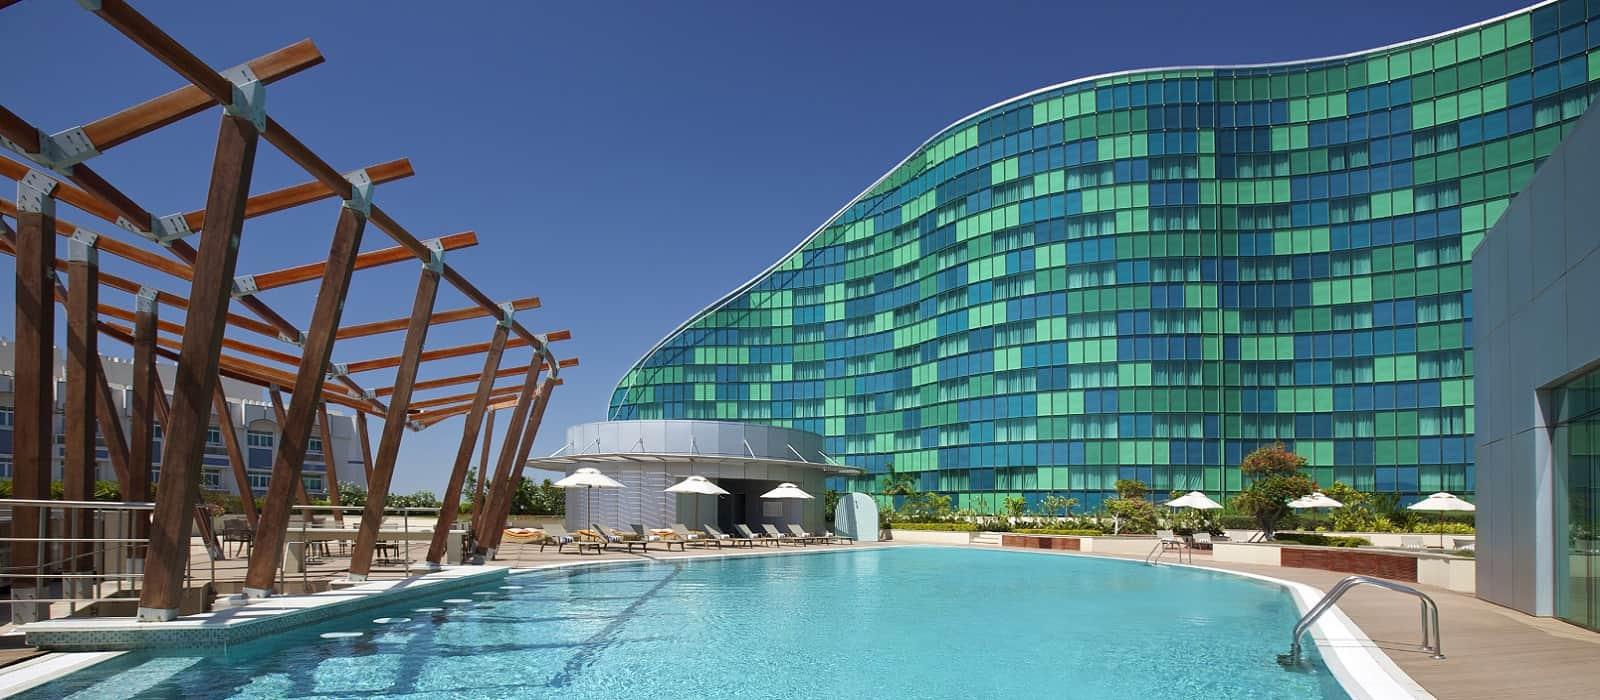 بحث شامل عن فنادق هيلتون الإمارات